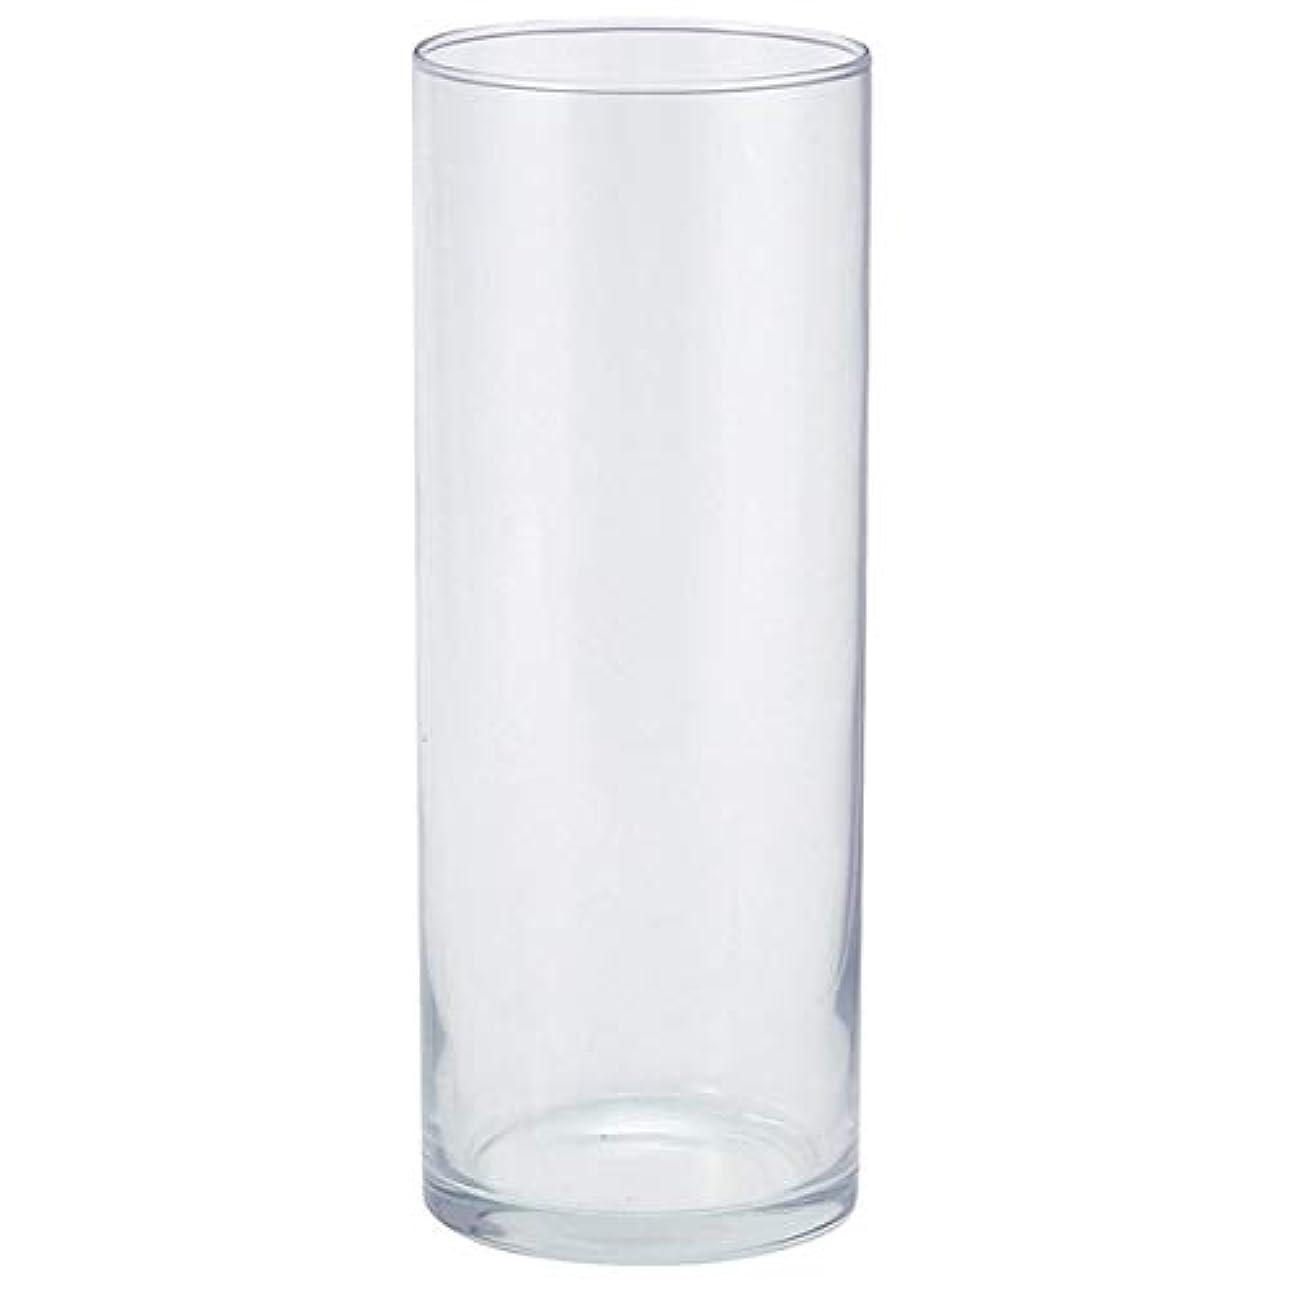 不明瞭依存韓国語kameyama candle(カメヤマキャンドル) モルカグラスL(66000204)